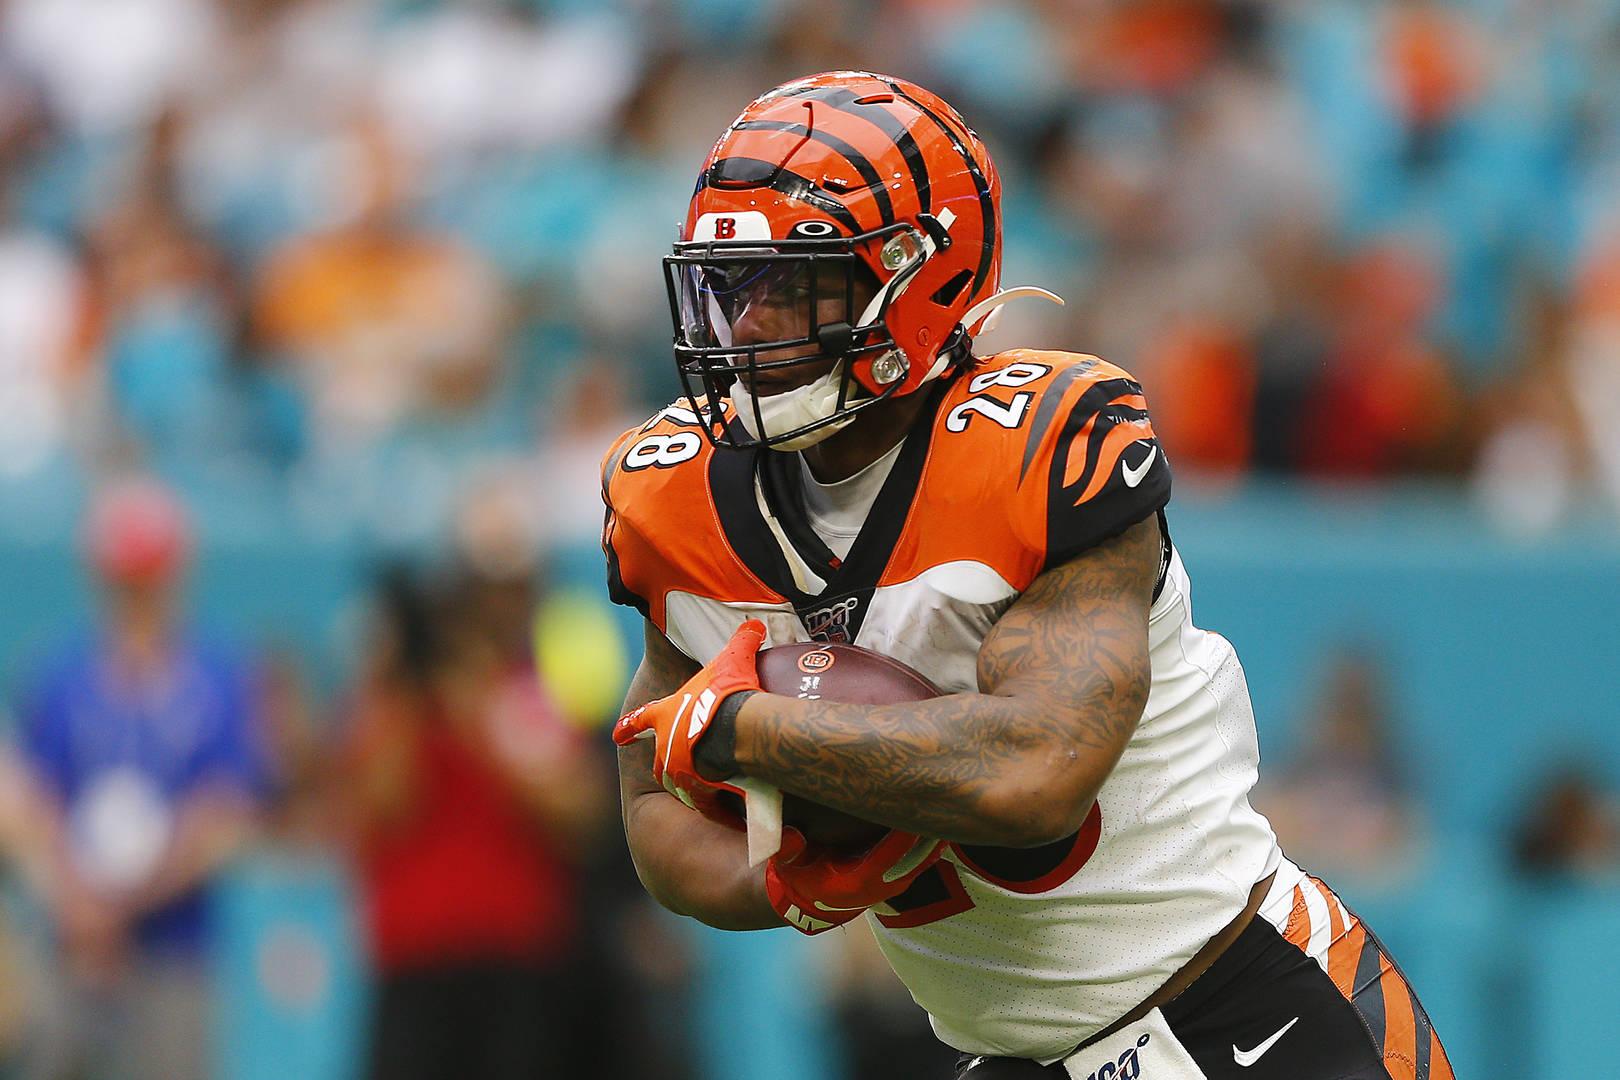 Joe Mixon, Bengals